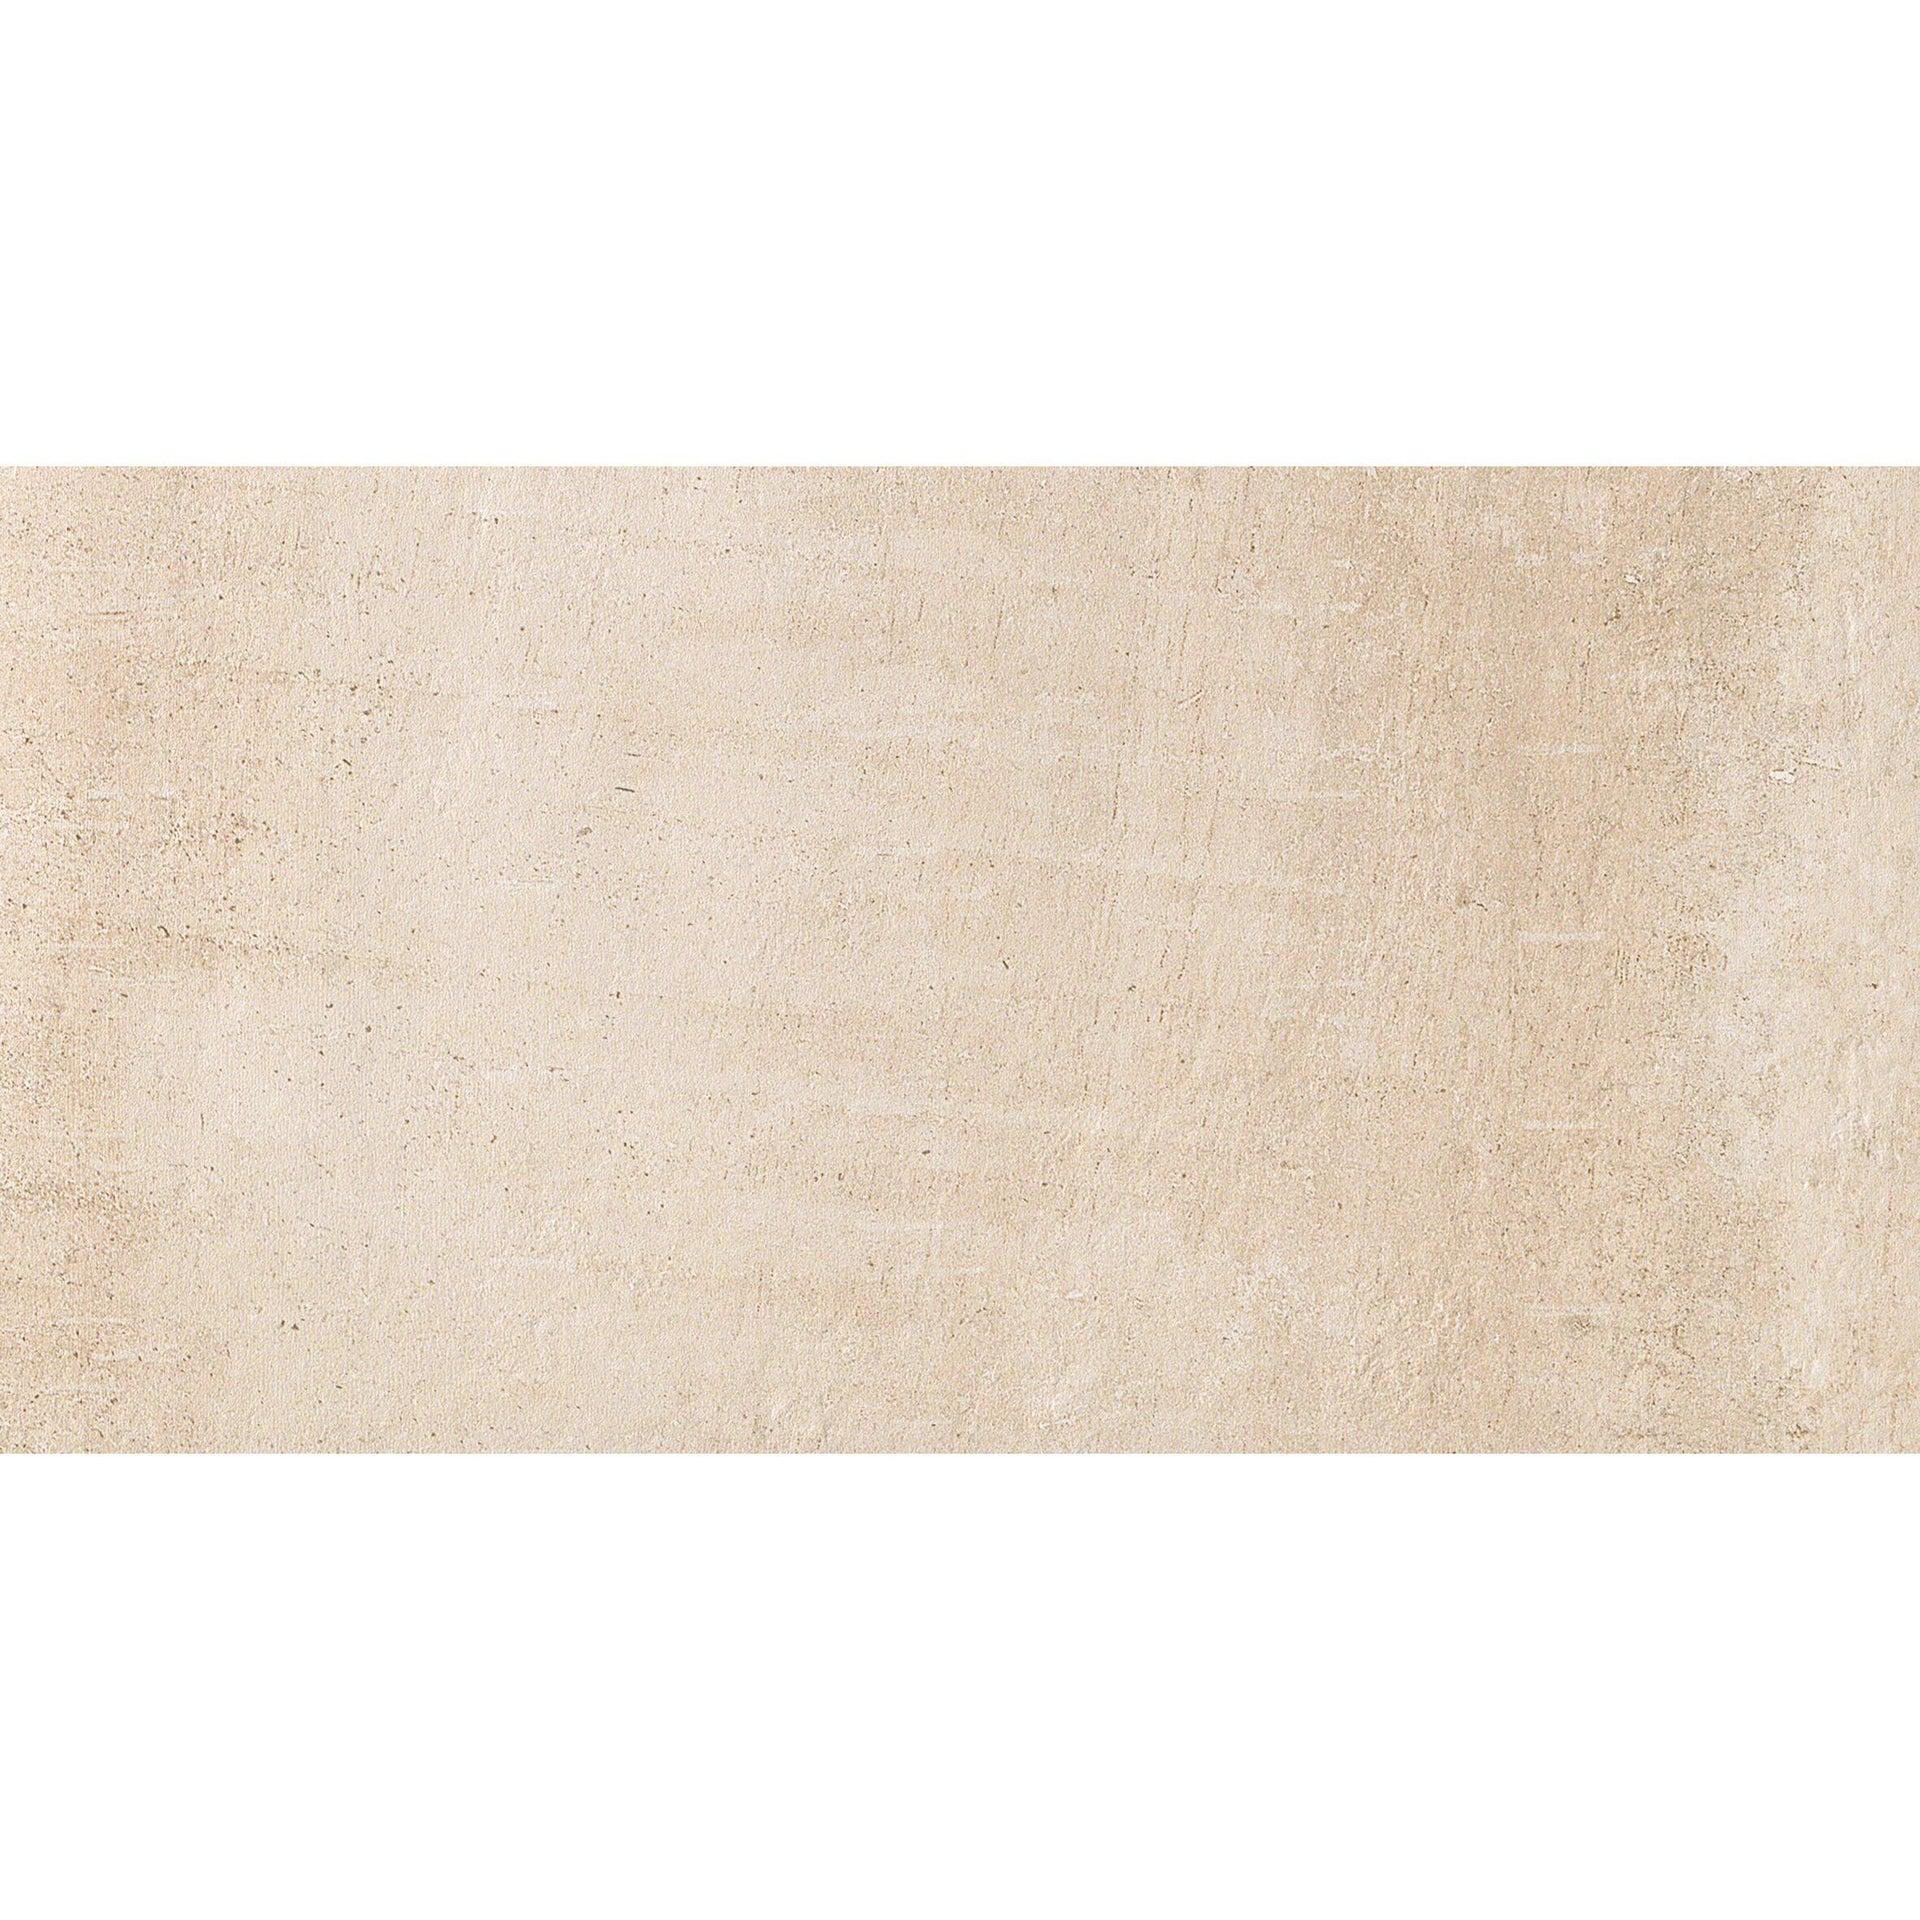 Piastrella Betonmix 30 x 60 cm sp. 9.5 mm PEI 4/5 beige - 3